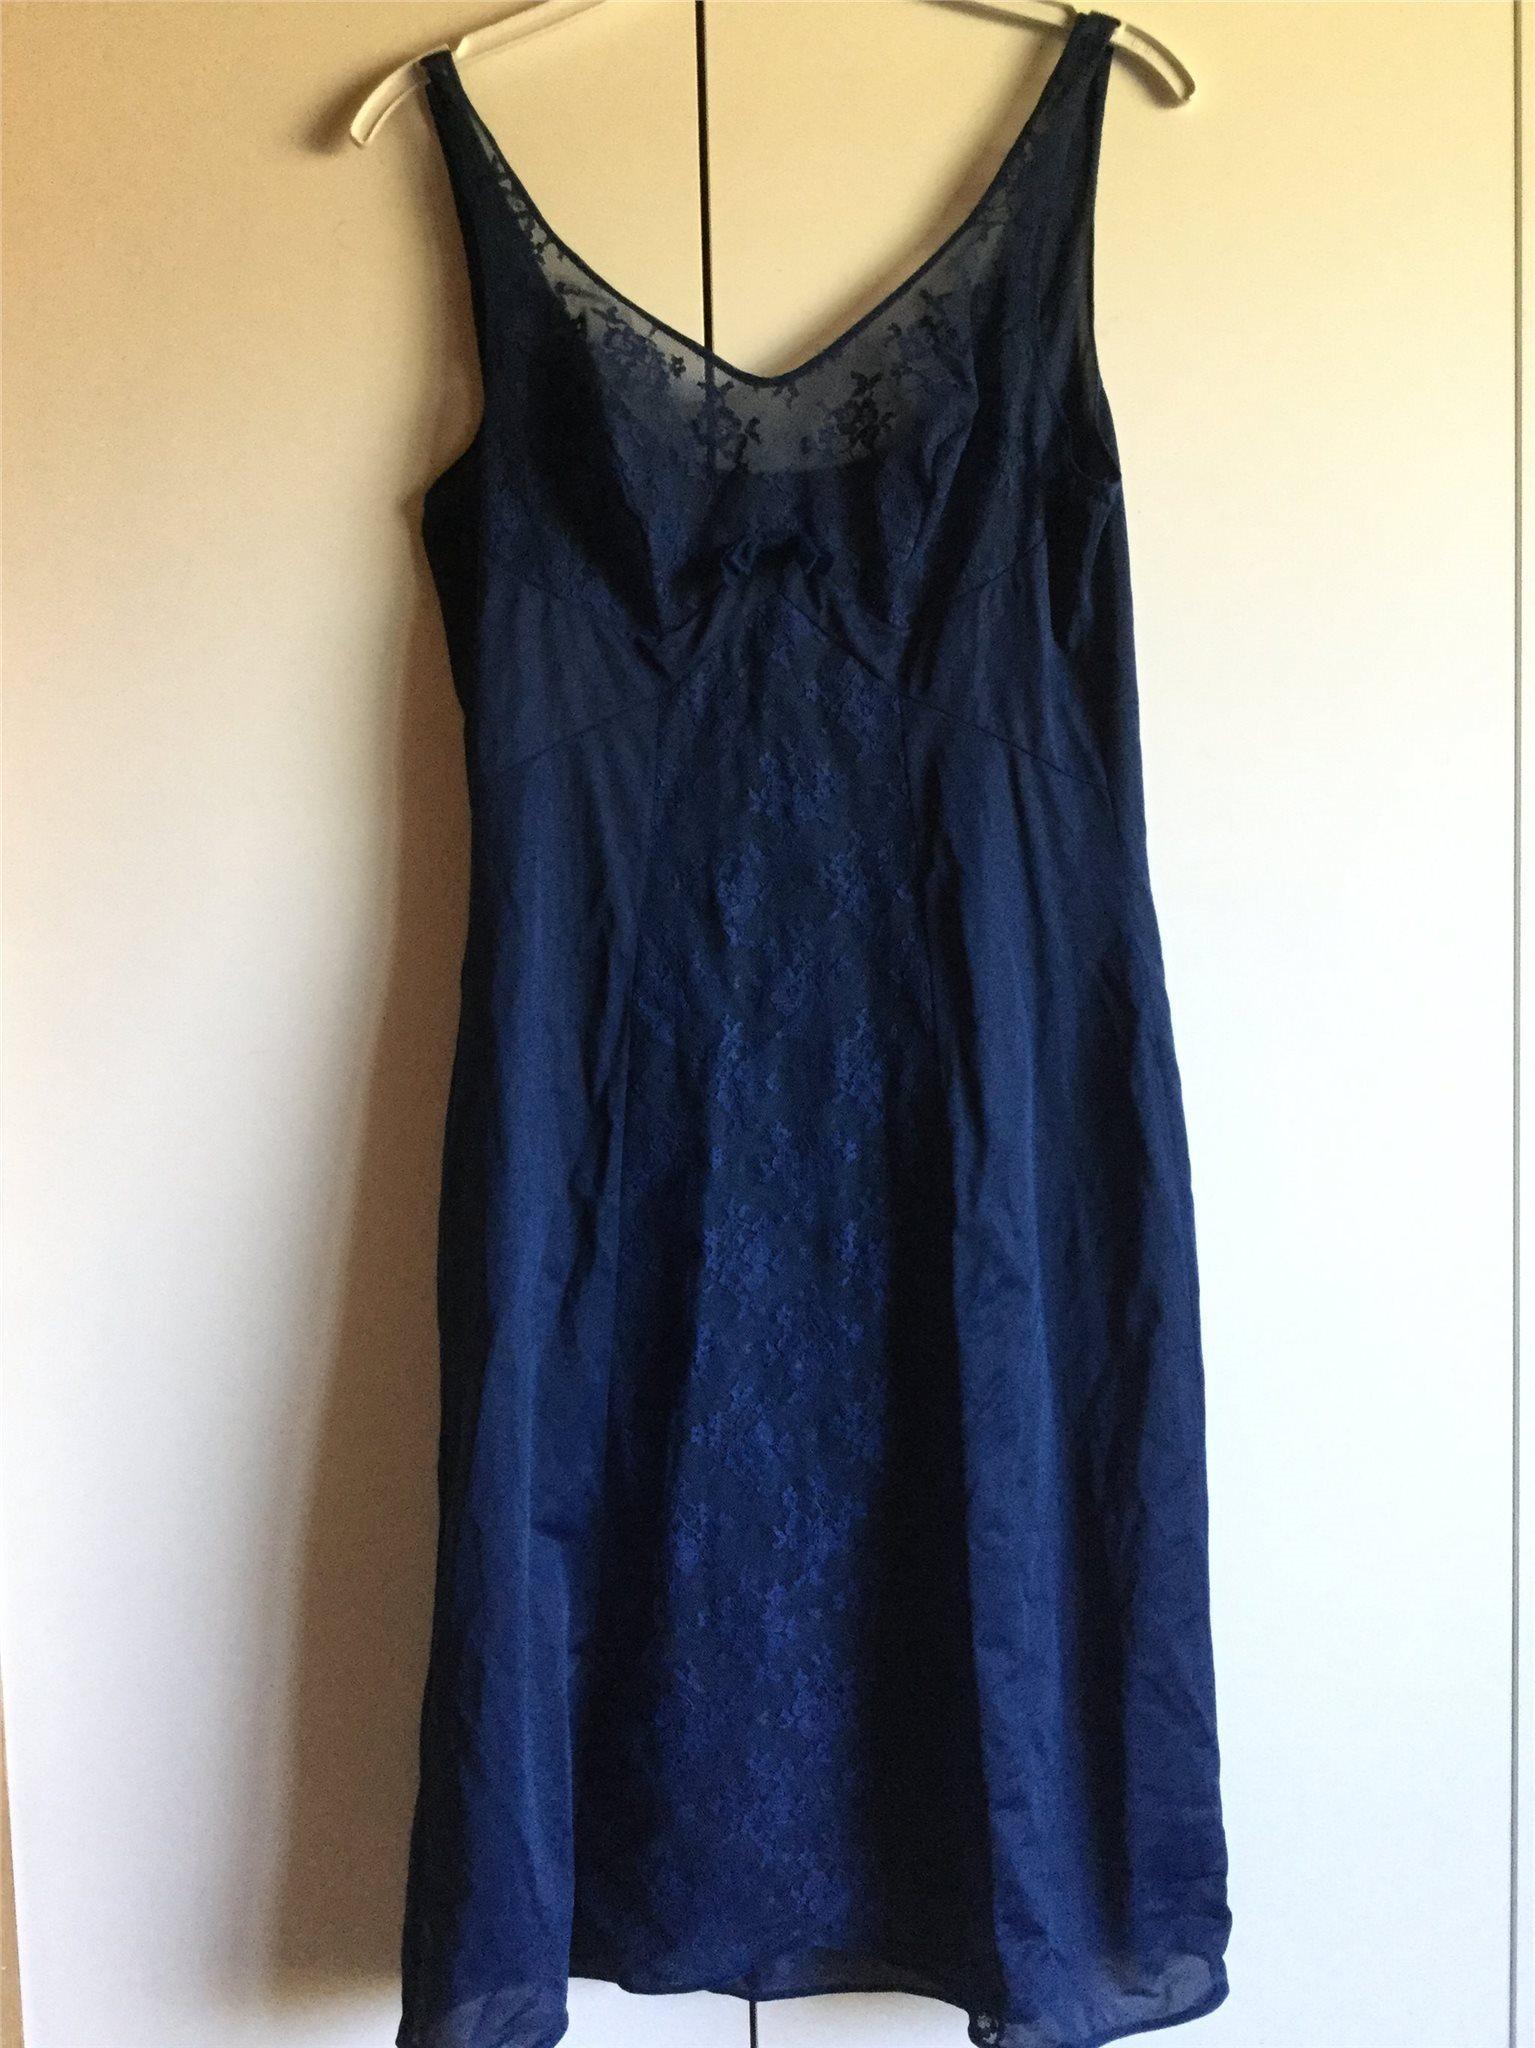 Triumph marinblå underklänning med spets vintag.. (340485052) ᐈ Köp ... e51e138cbffef